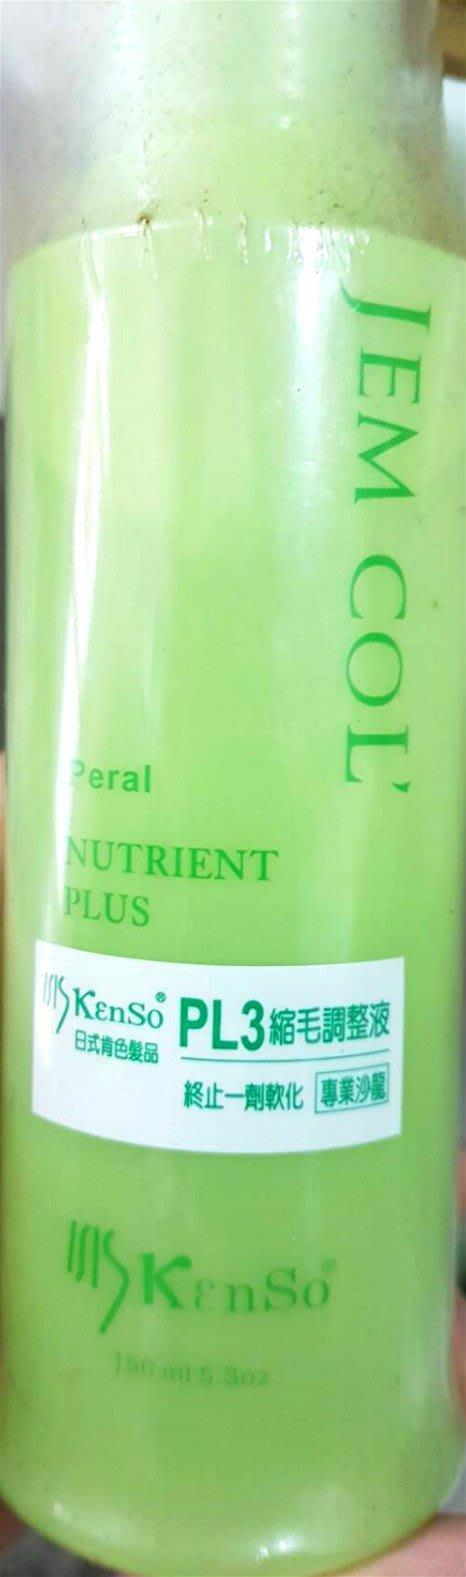 (現貨特價)Kenso 肯色 終止一劑軟化 縮毛調整液  離子藥水 溫塑專用藥水 燙髮 150ml *HAIR魔髮師*